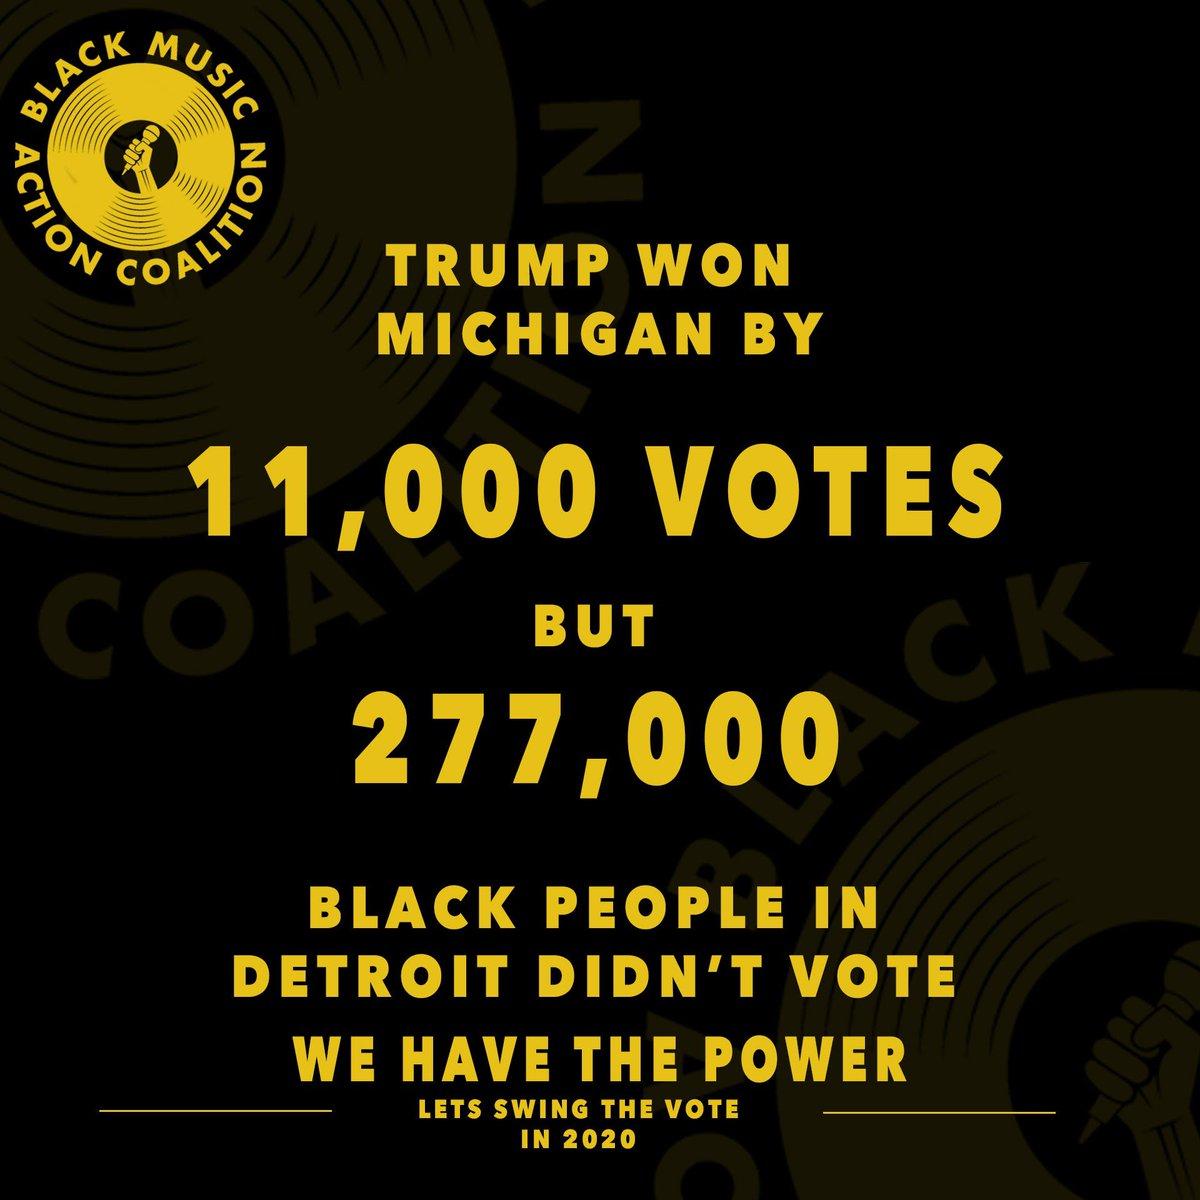 #WeHaveThePower #BlackVotesMatter #BlackMusicMatters #BlackLivesMatter